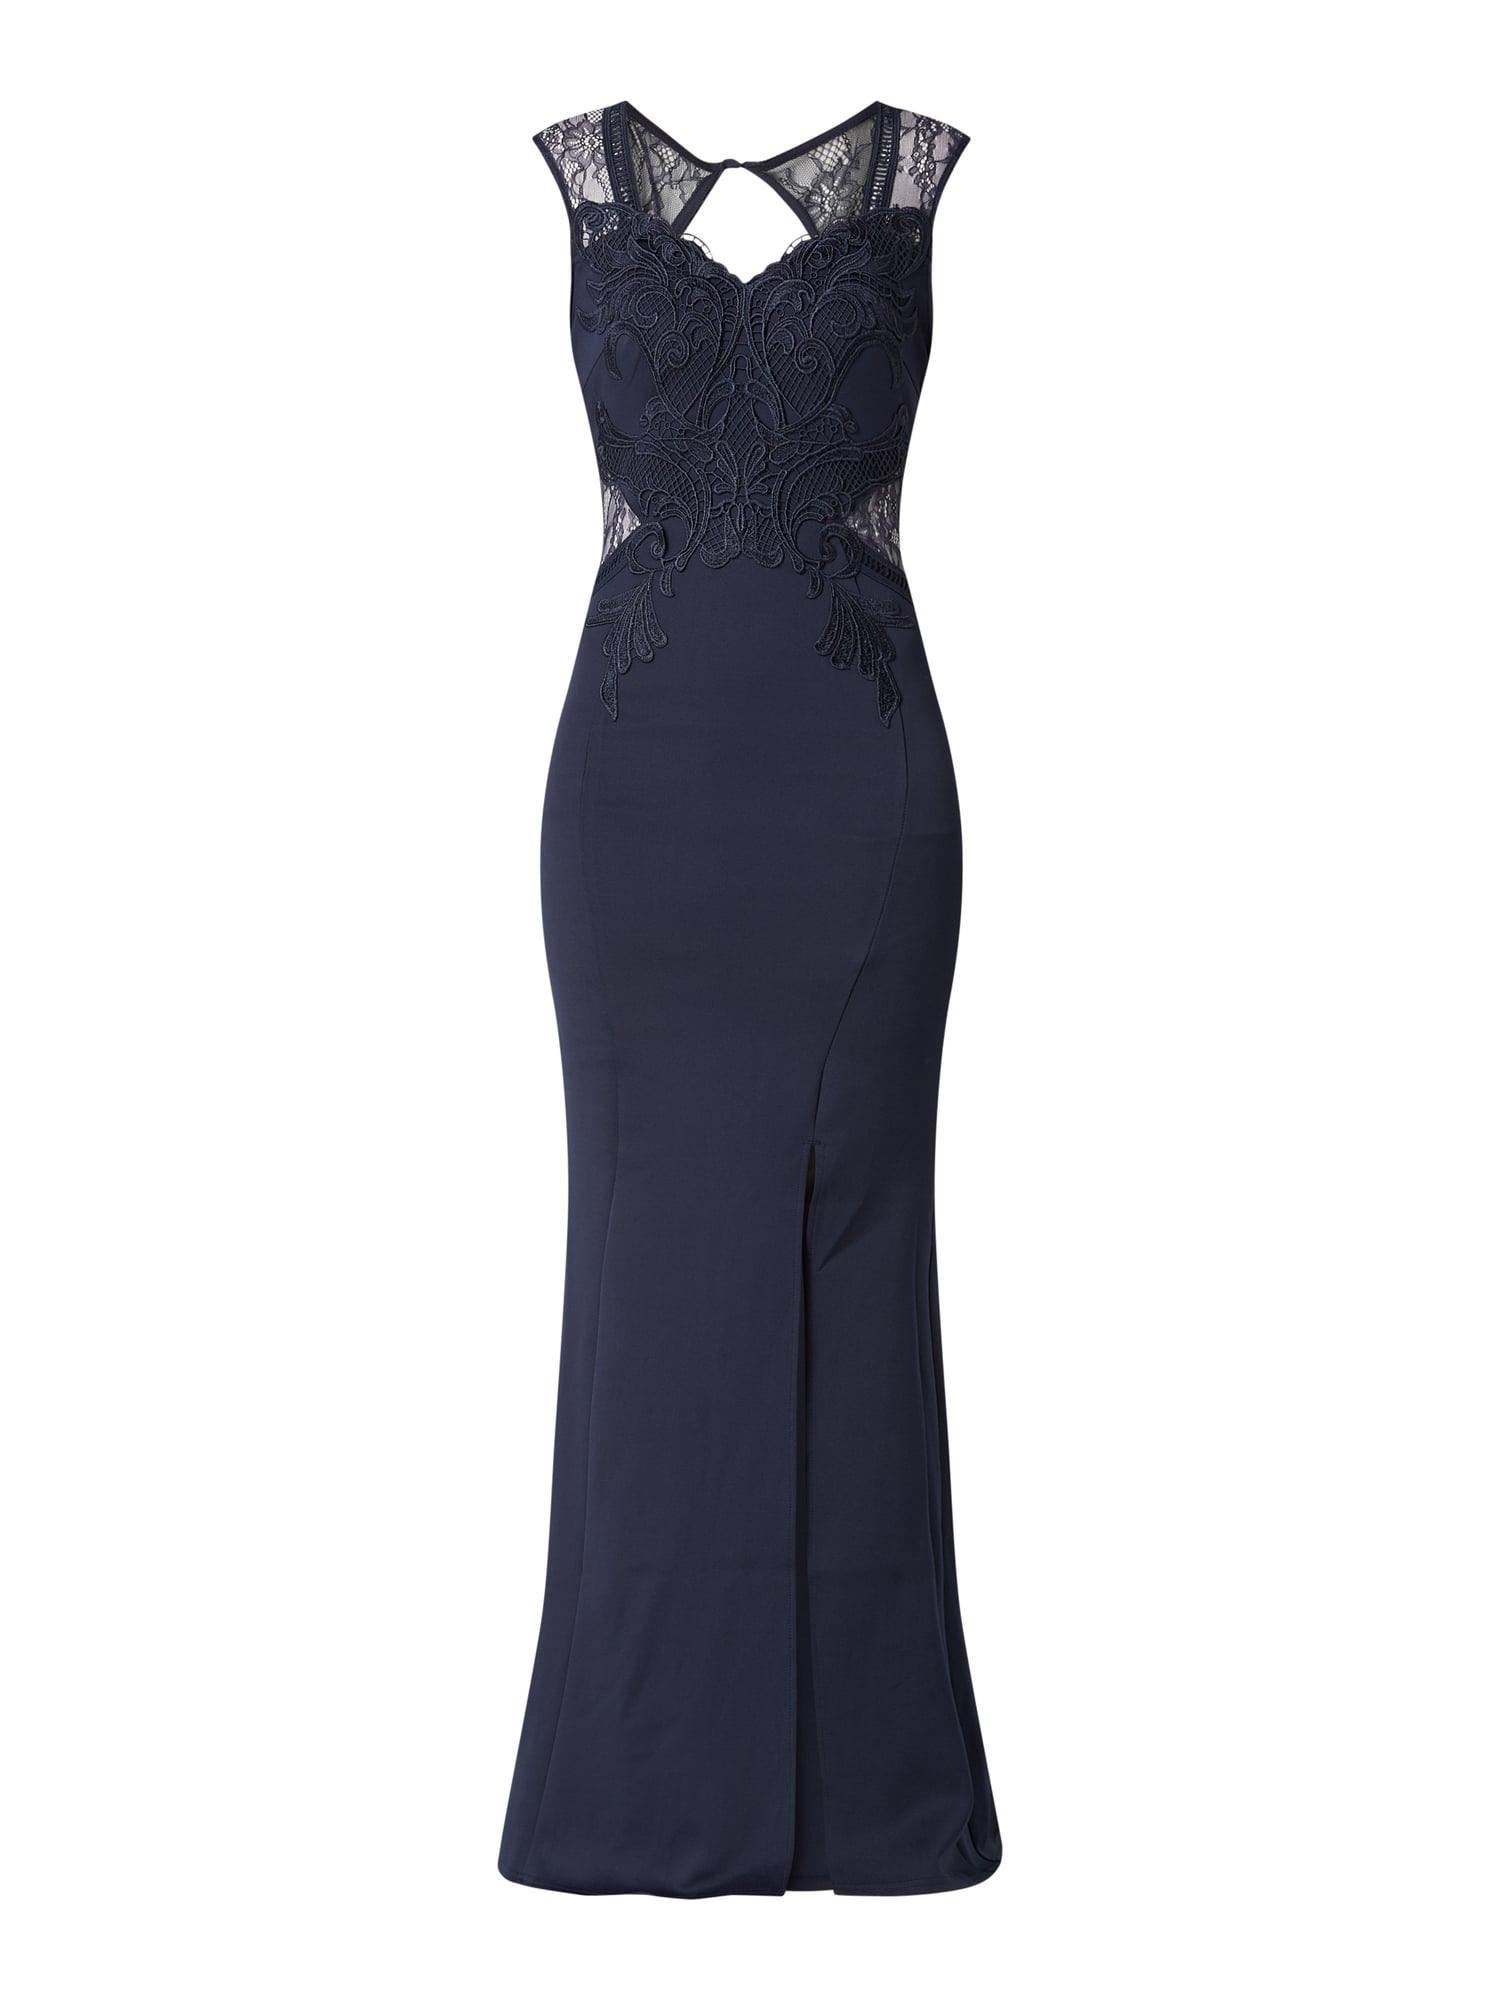 Designer Einzigartig Lipsy Abendkleid für 201913 Spektakulär Lipsy Abendkleid Design